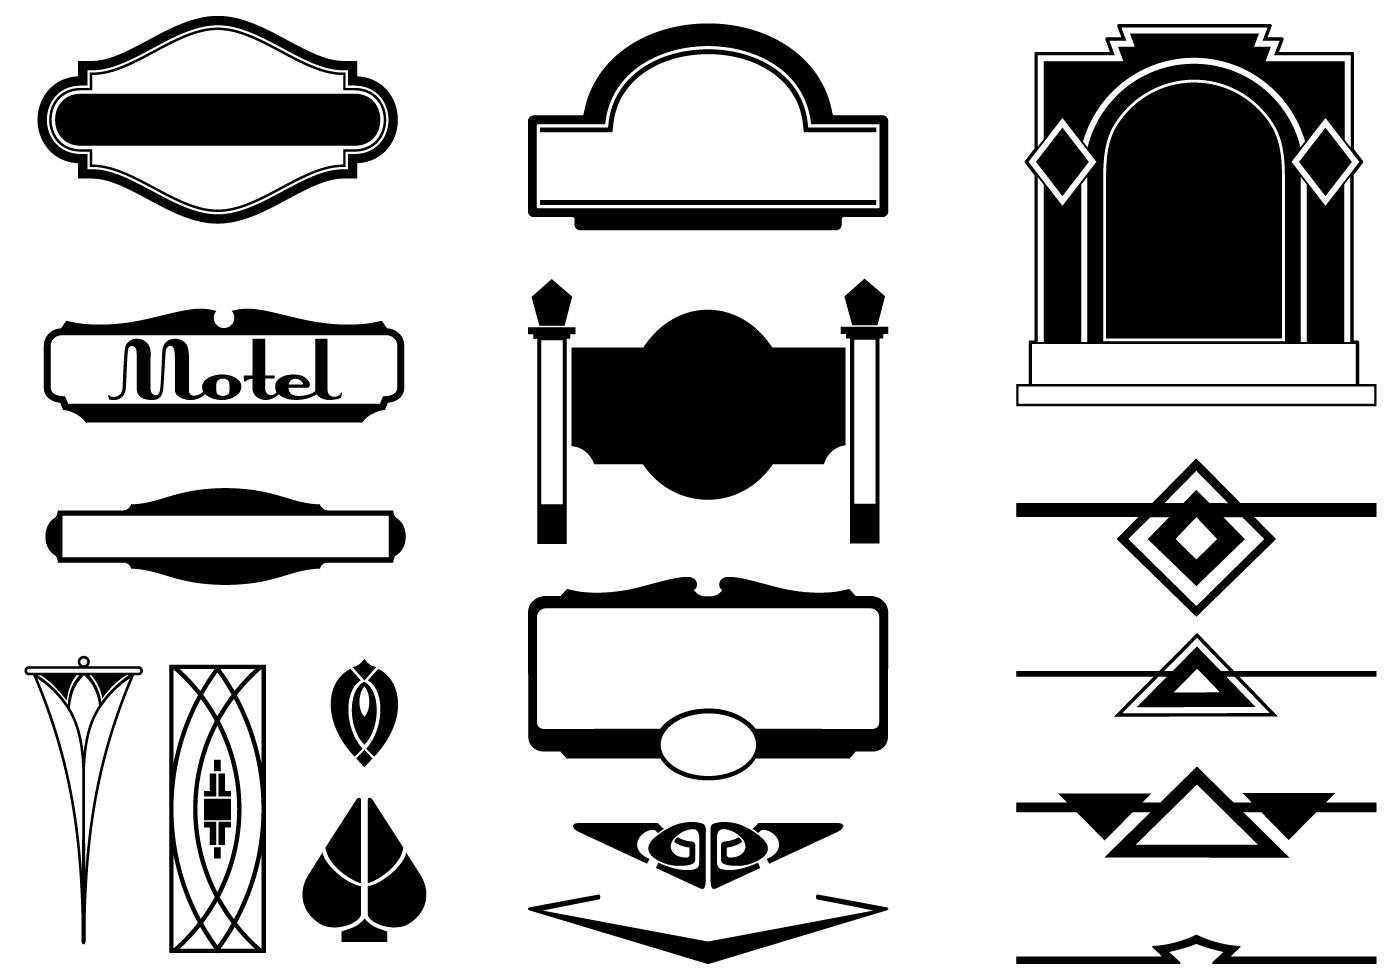 Art Deco Sign Vectors and Ornament Vector Pack - Download ...